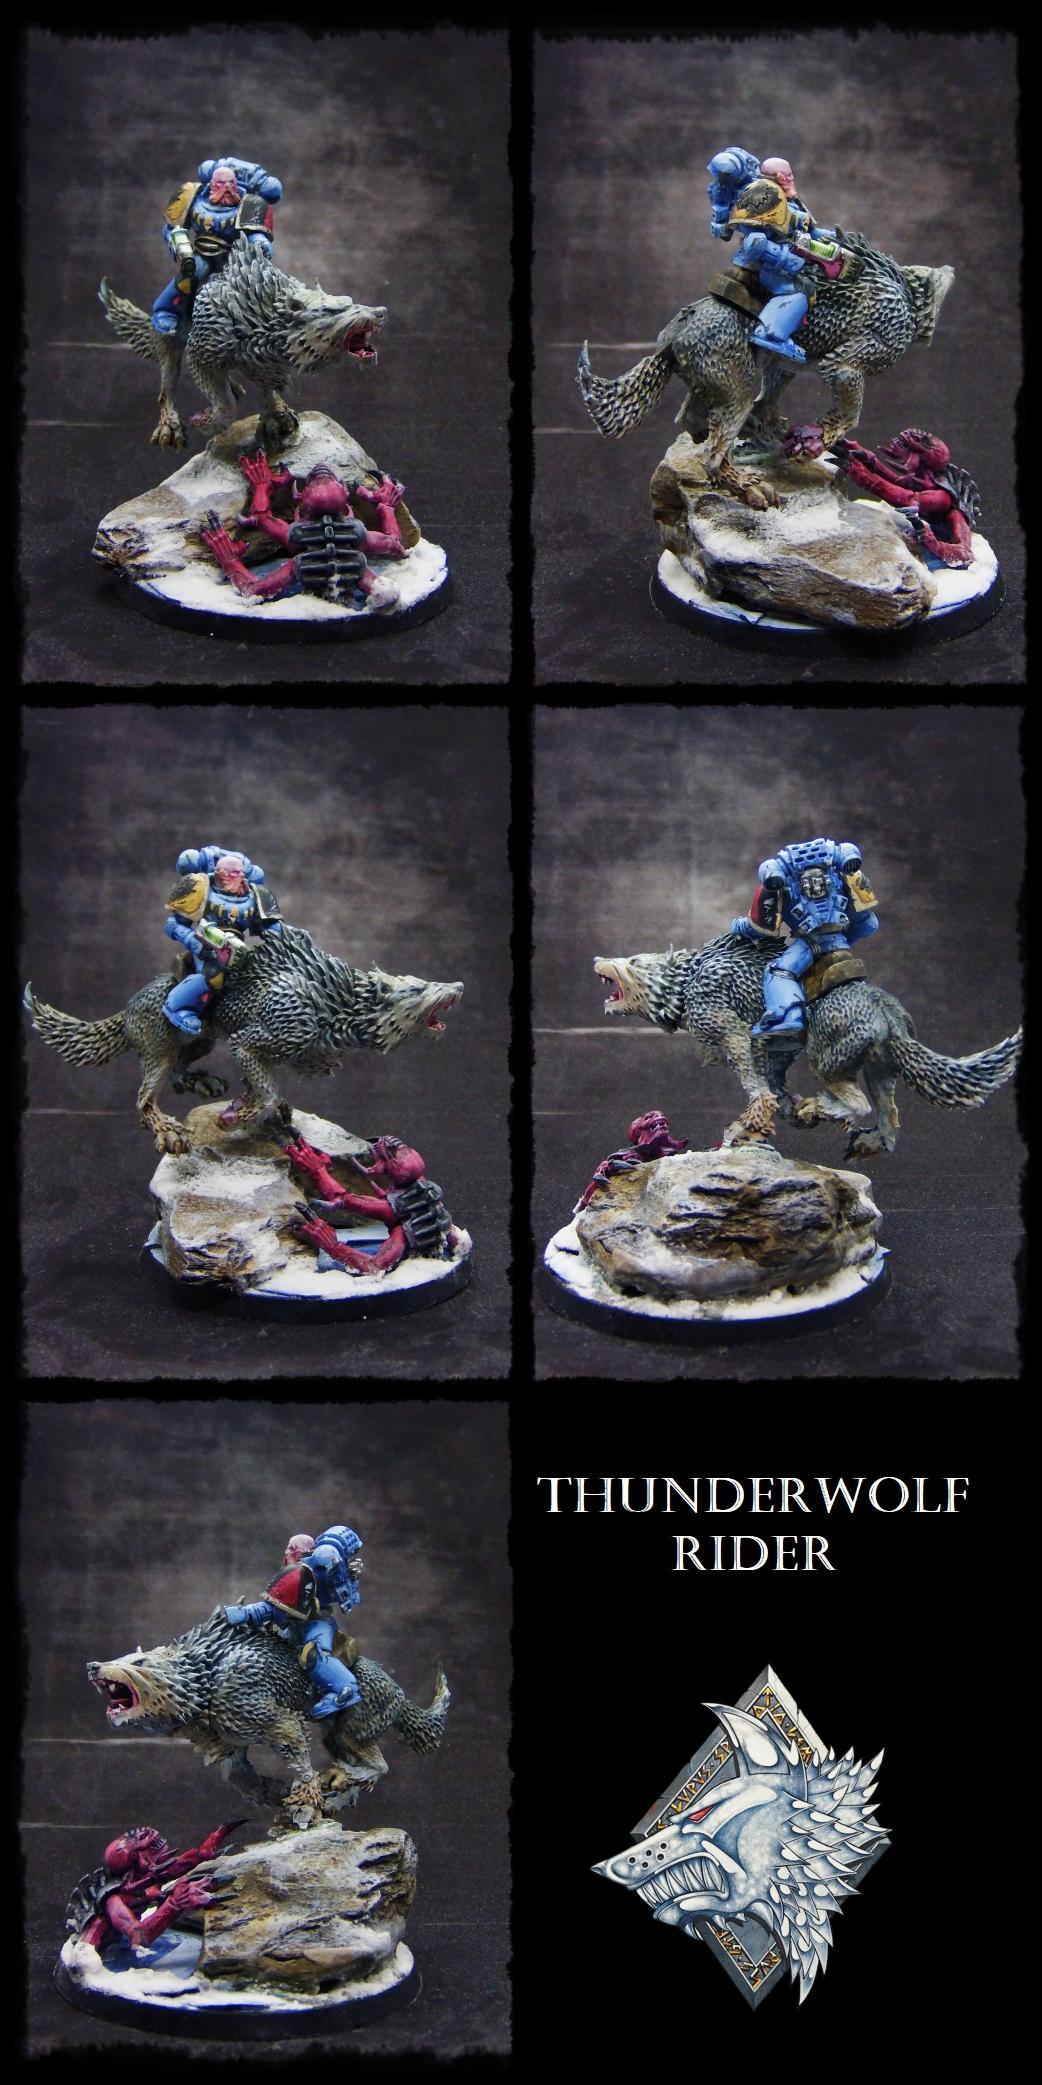 Cavalry, Genestealer, Space Marines, Space Wolves, Thunderwolf, Warhammer 40,000